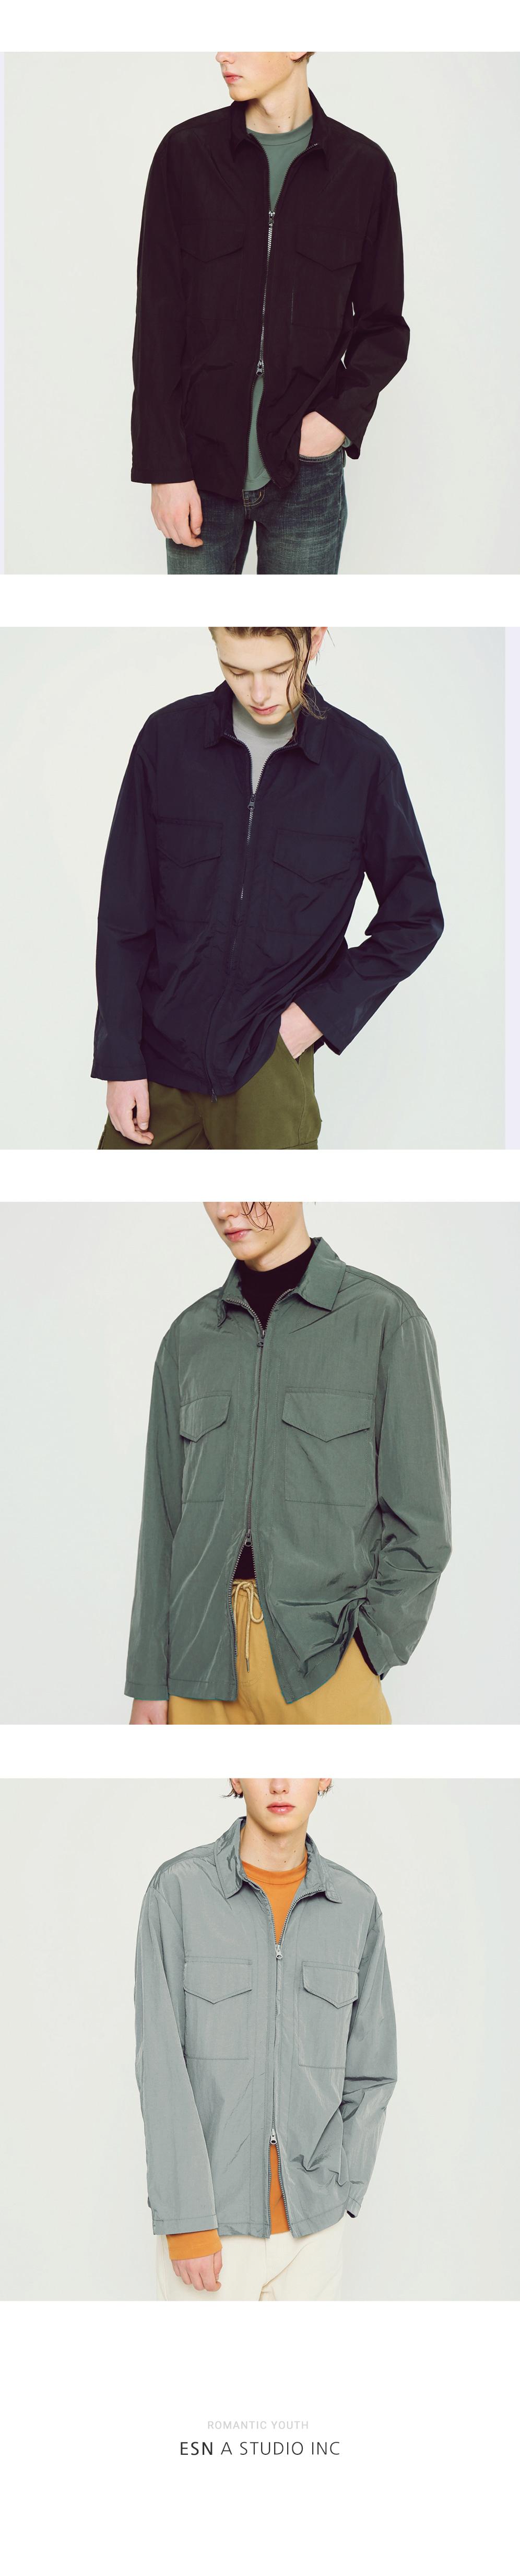 라이트 메탈릭 셔츠 자켓 카키 - 이에스엔, 48,000원, 상의, 셔츠